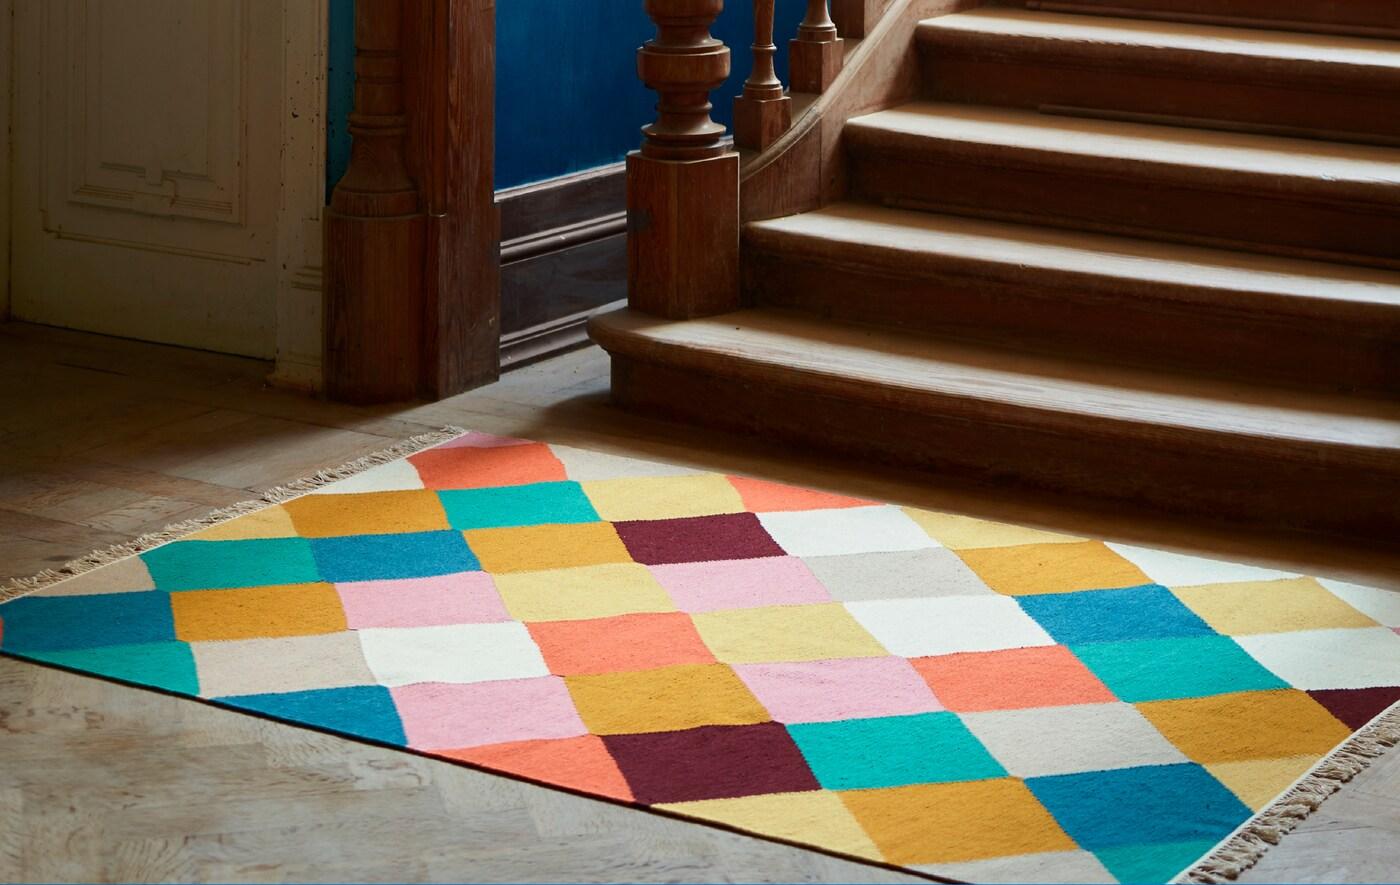 Ein flach gewebter VINDERÖD Teppich in buntem Karomuster liegt am Fuss einer Treppe.